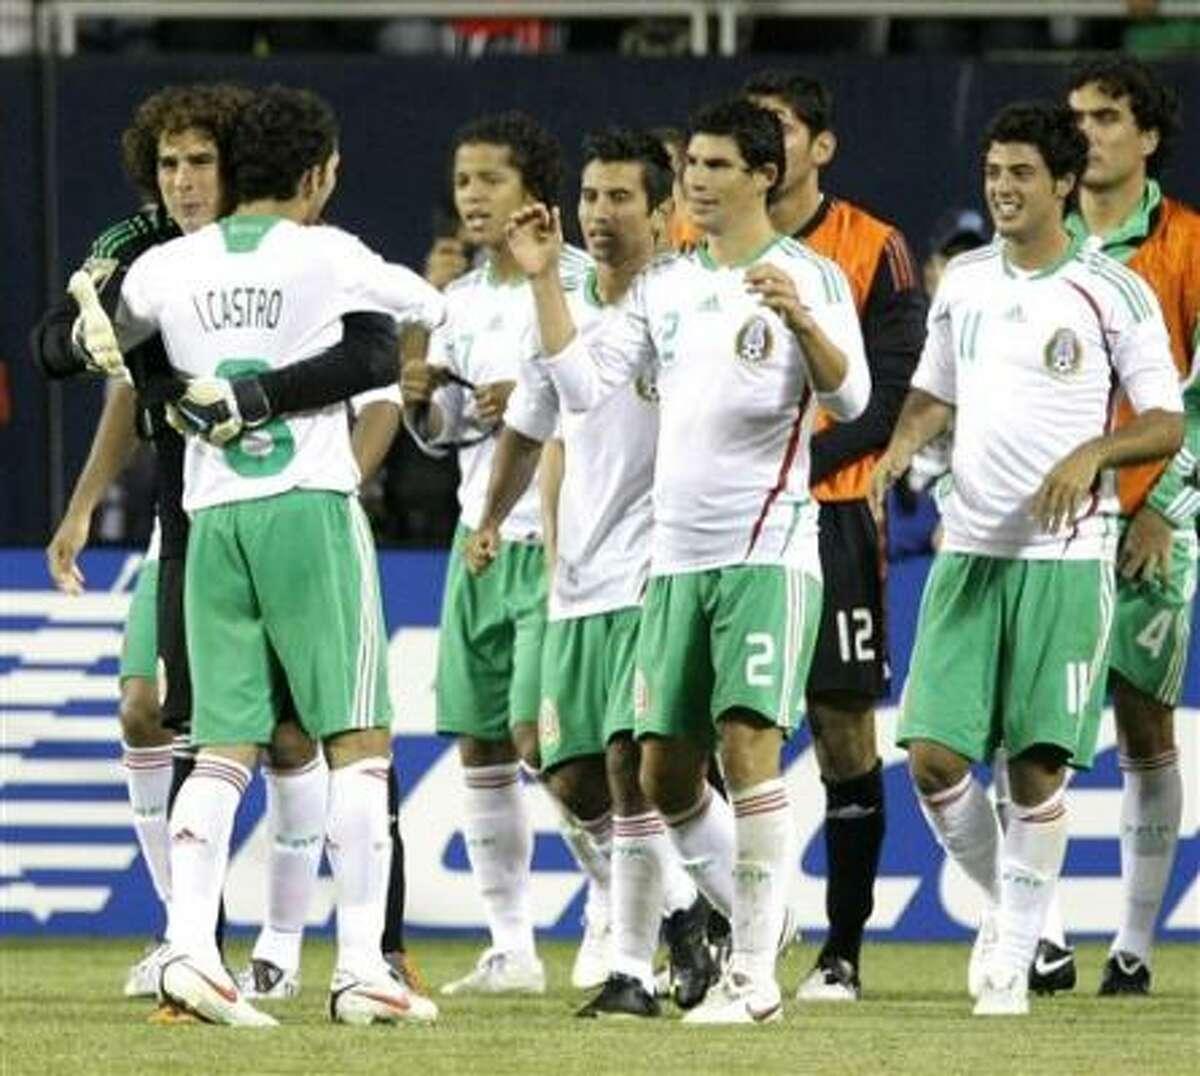 El portero de México Guillermo Ochoa, izquierda, celebra con sus compañeros de equipo tras la victoria sobre Costa Rica en semifinales de la Copa de Oro de la CONCACAF el jueves, 23 de julio del 2009, en Chicago.